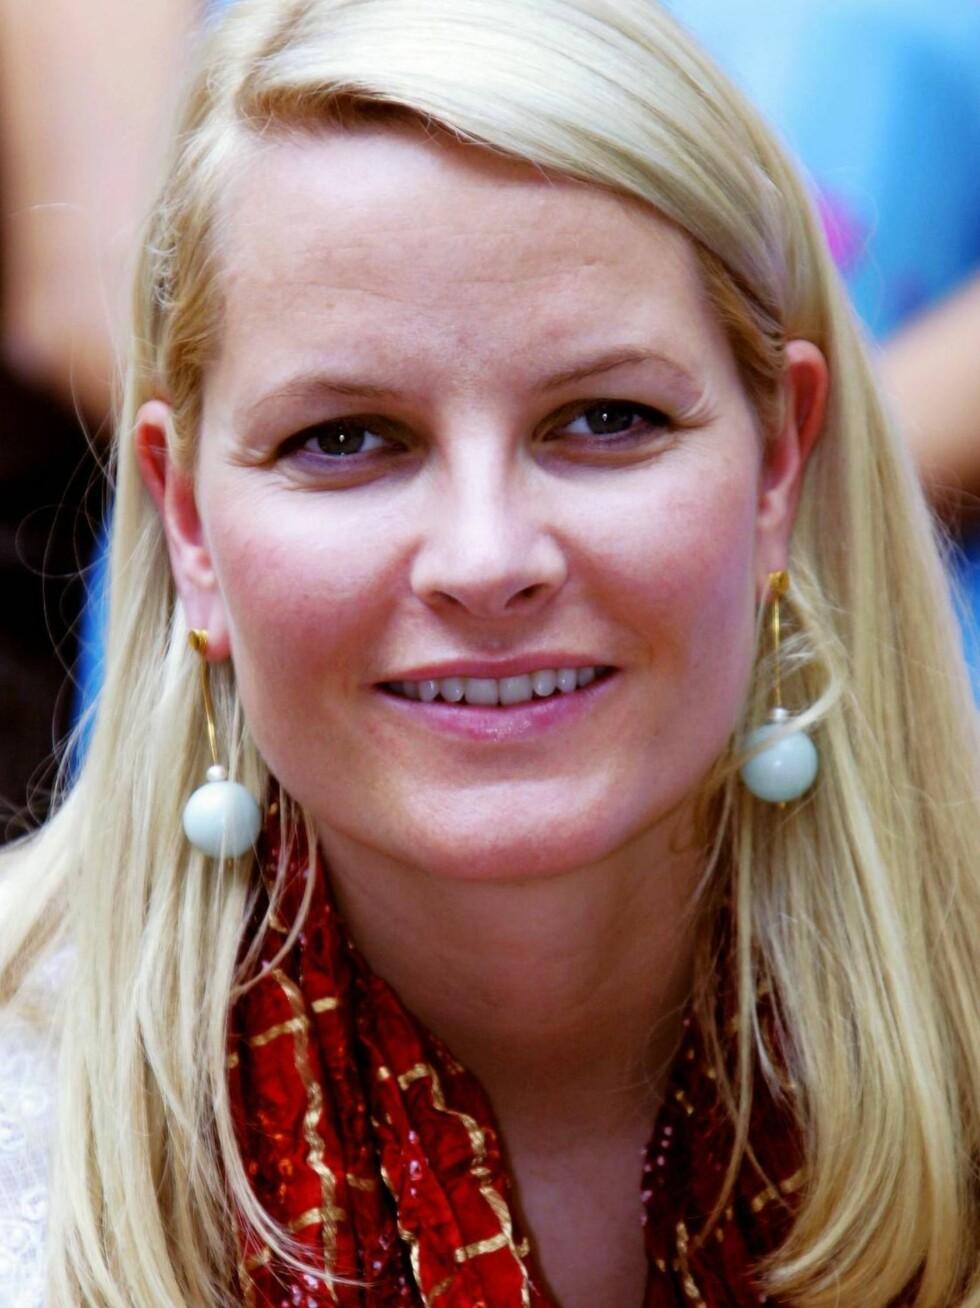 KJEDELIG: Forfatteren mener at Mette-Marit ikke hadde hatt vondt av å kle seg mer glamorøst. Foto: SCANPIX